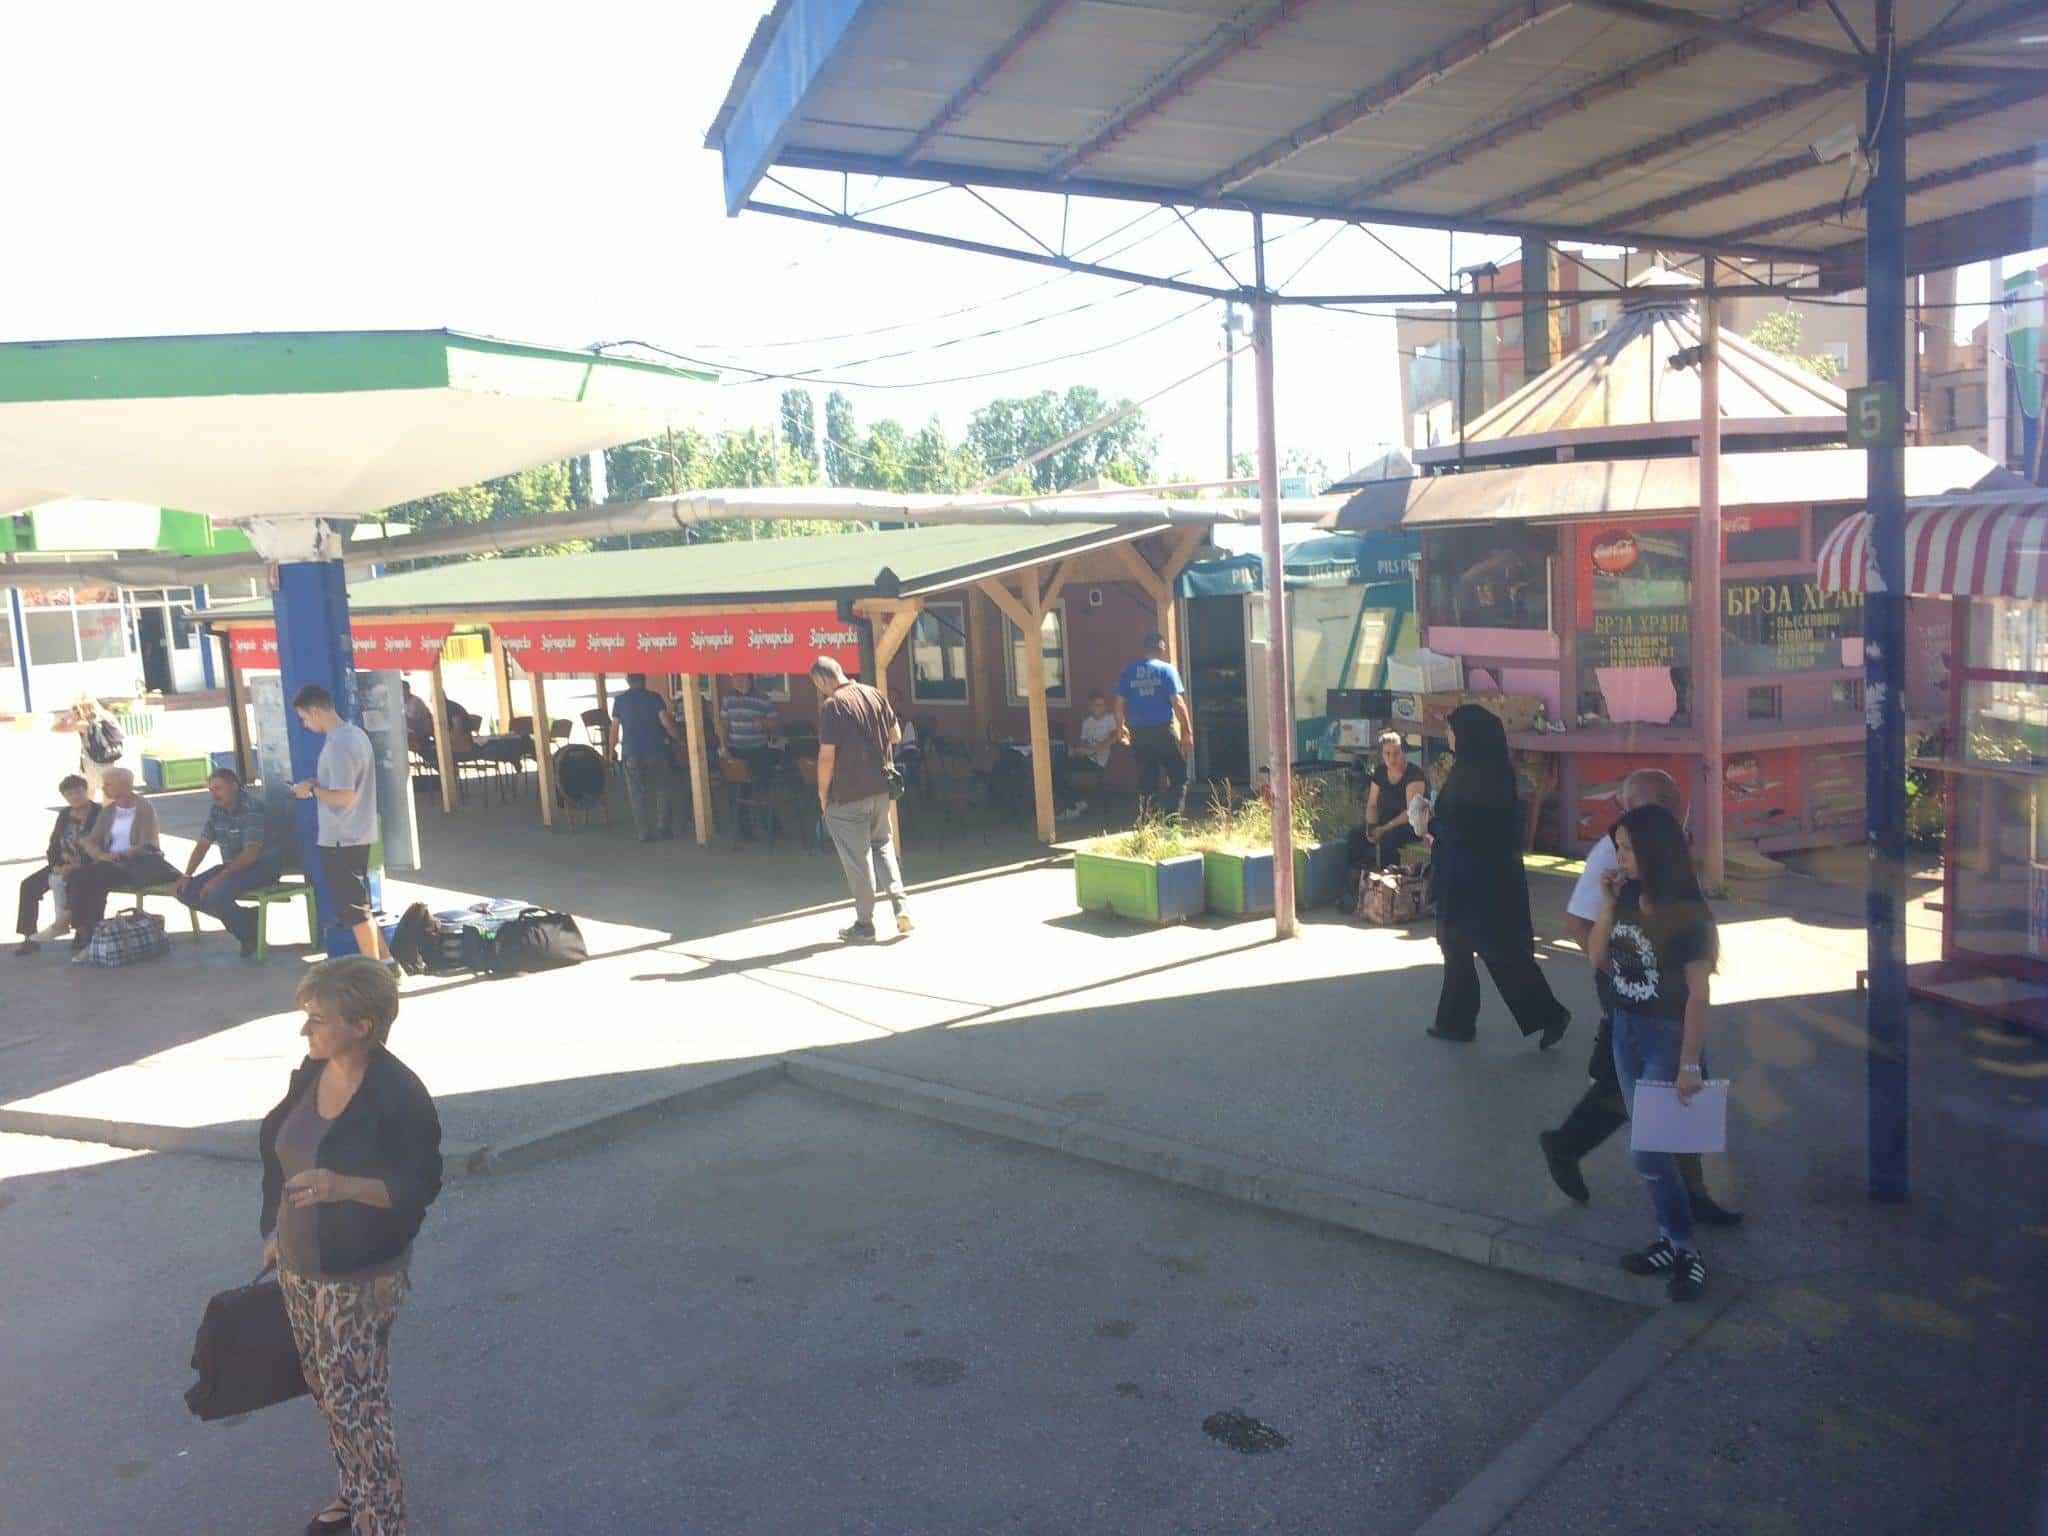 Bus station in Vranje, Serbia